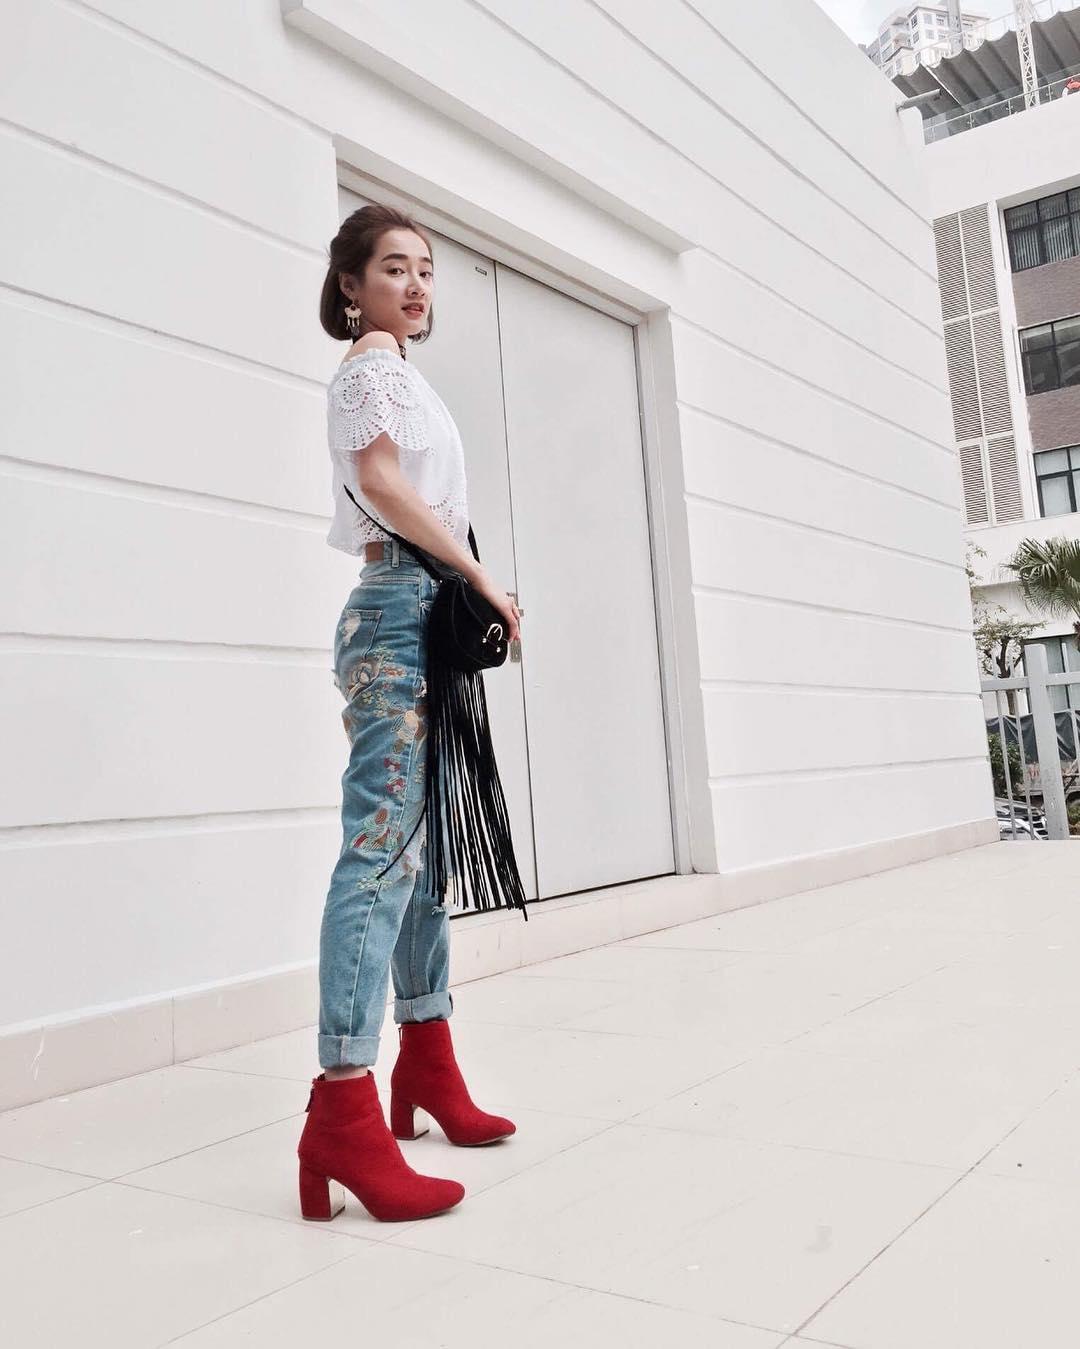 Sao Việt đón đầu xu hướng boots thấp cổ thời thượng năm 2018 như thế nào?